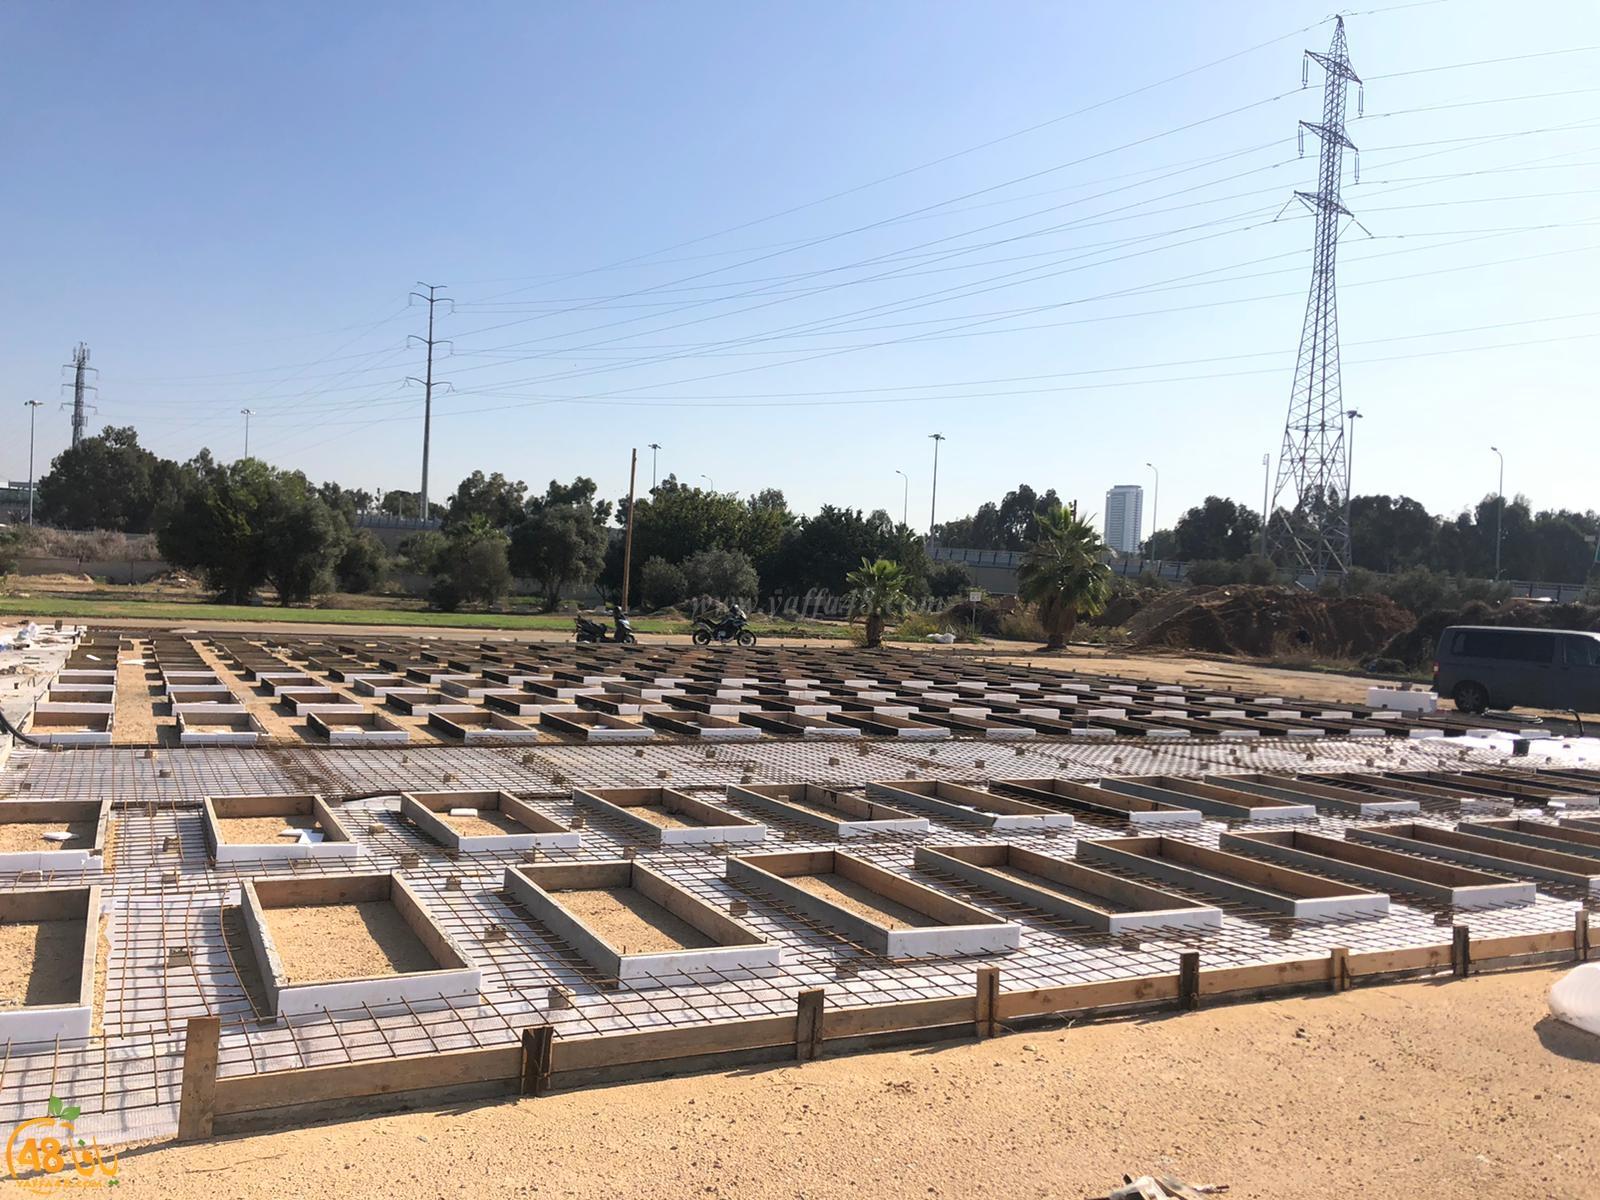 فيديو: مشاركة سخيّة من أهالي مدينة اللد في مشروع مسطحات مقبرة طاسو بيافا